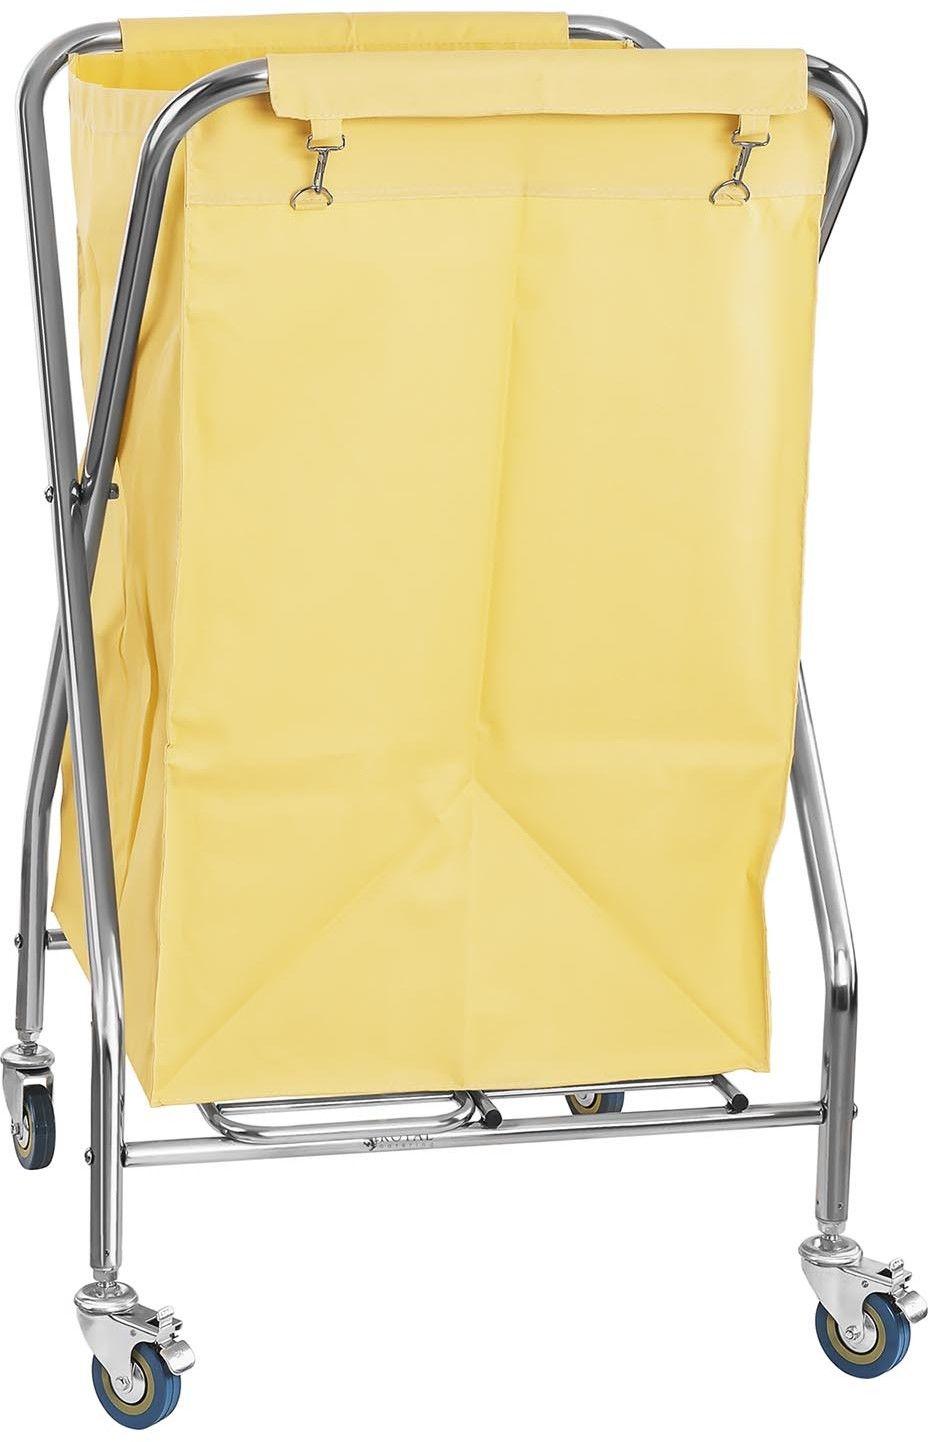 Wózek na pranie Royal Catering RCWW 3 200l - RCWW 3 - 3 LATA GWARANCJI / WYSYŁKA W 24H ZA 0 ZŁ!